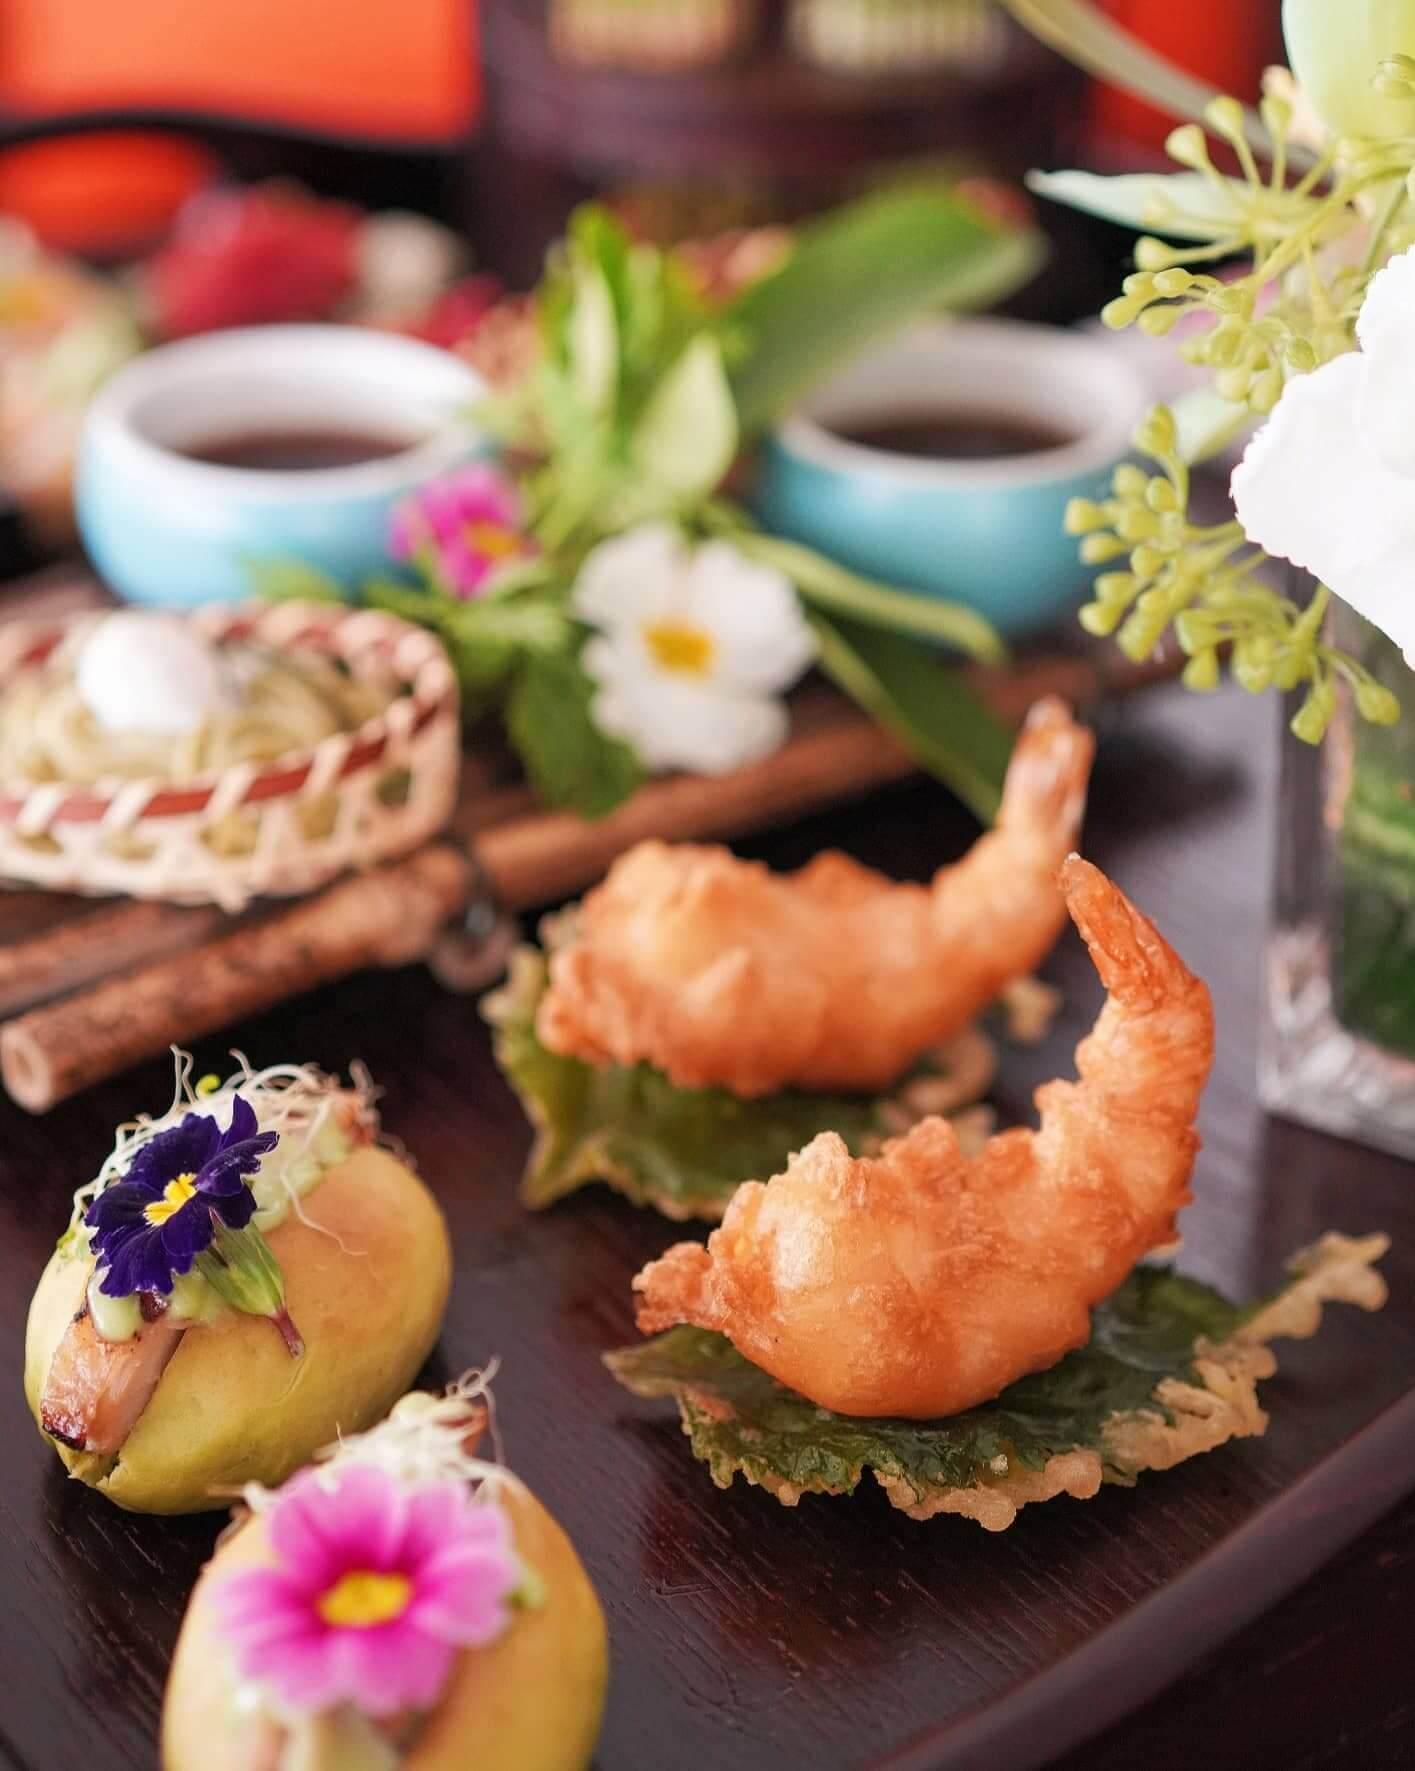 綠茶蕎麥麵配天婦羅蝦及水煮鵪鶉蛋